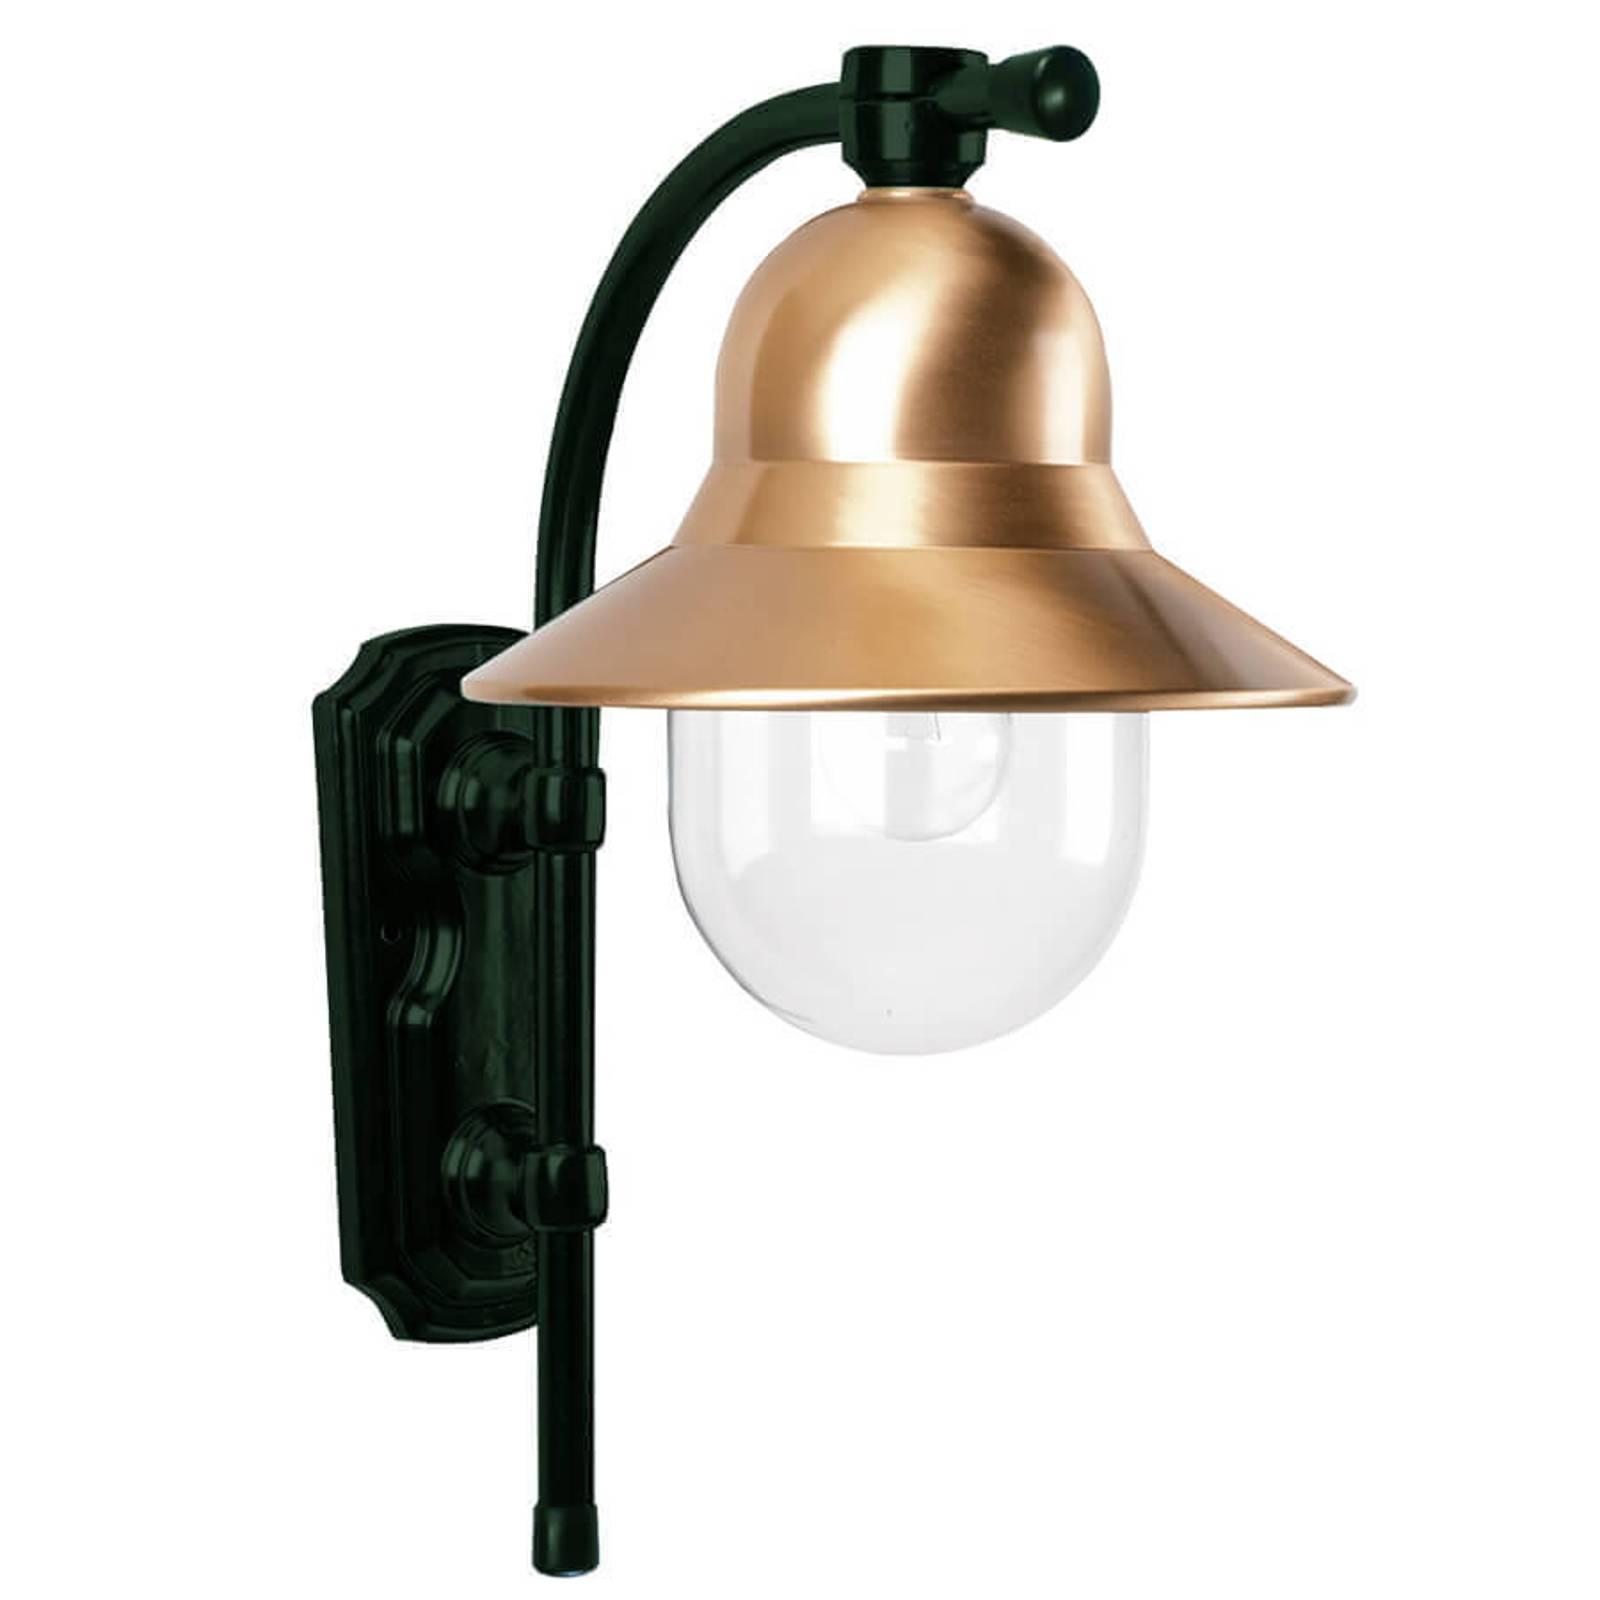 Zewnętrzna lampa ścienna Toscane, zielona